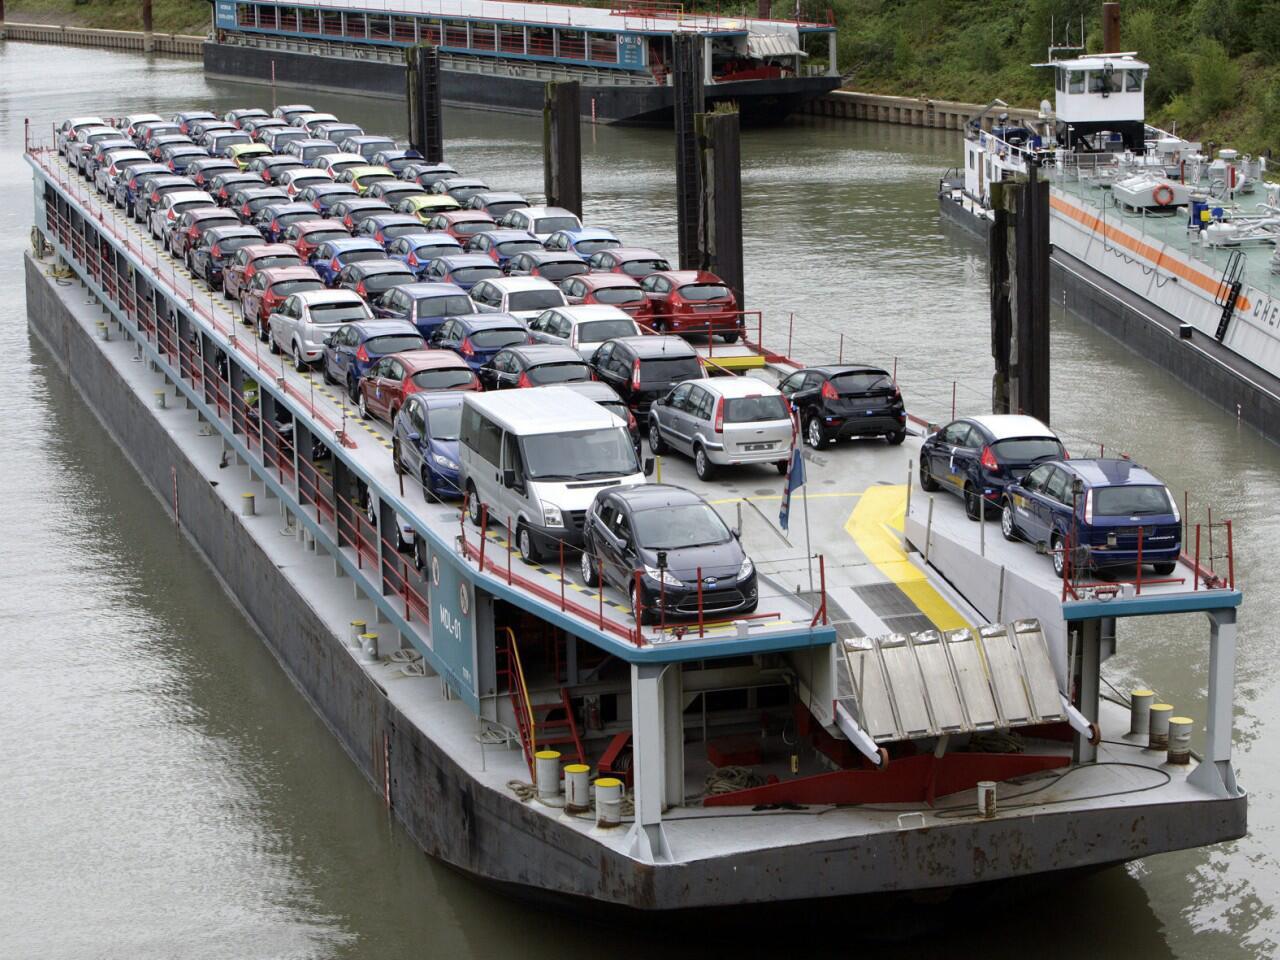 Bild zu Autoimport: Das sollten Sie beim Autokauf im Ausland beachten